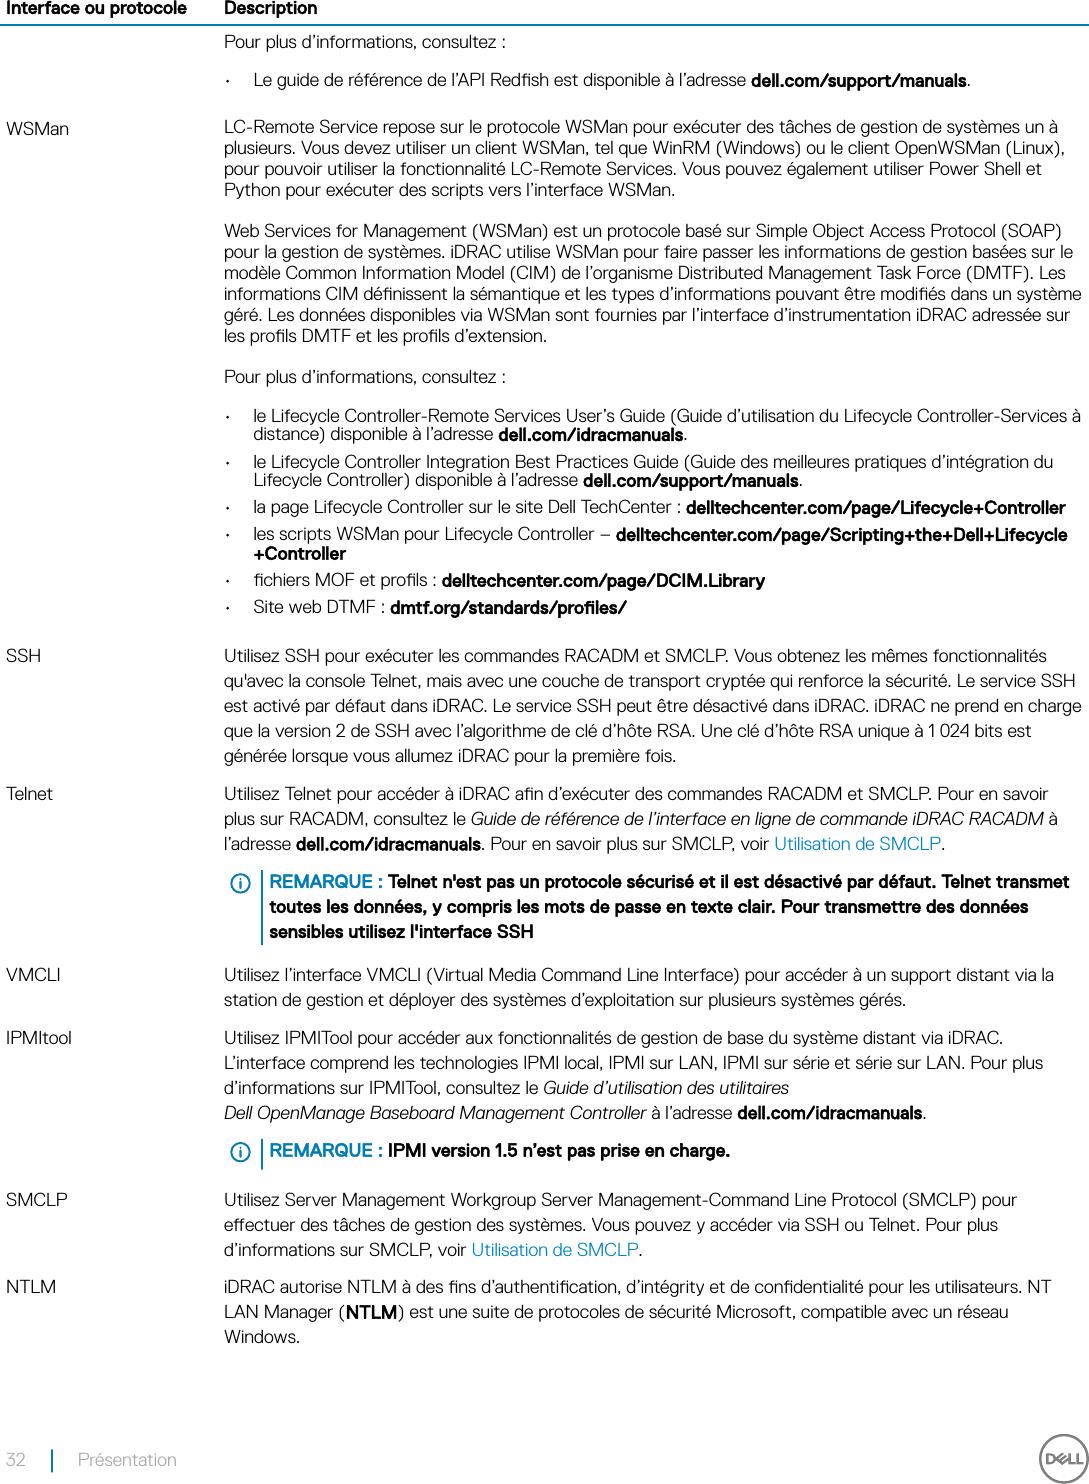 Dell Poweredge c6400 Guide D'utilisation De L'Integrated